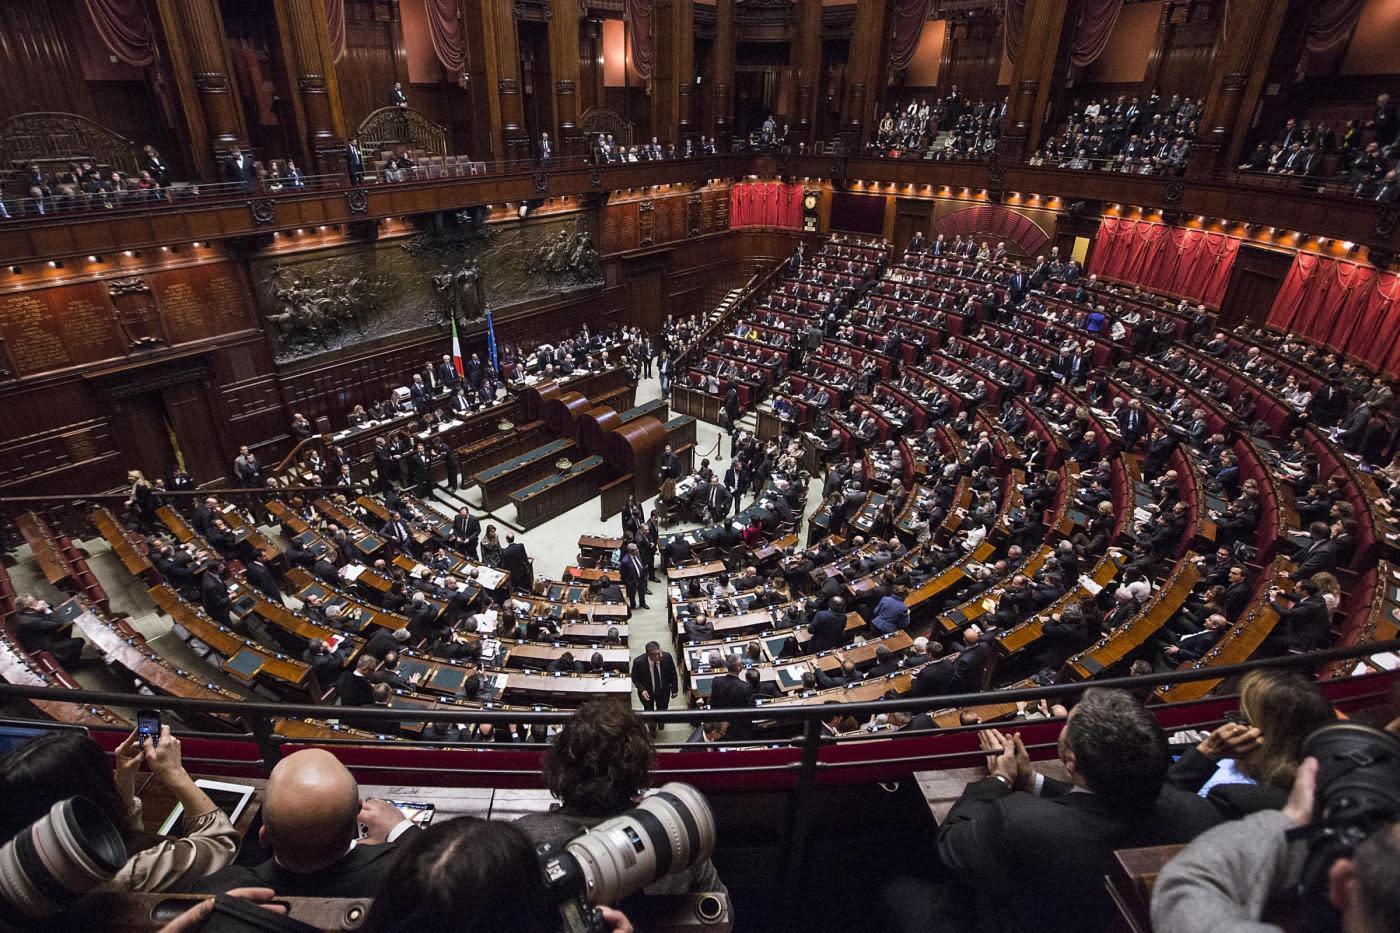 Tutte le spese di camera e senato for Camera e senato differenze